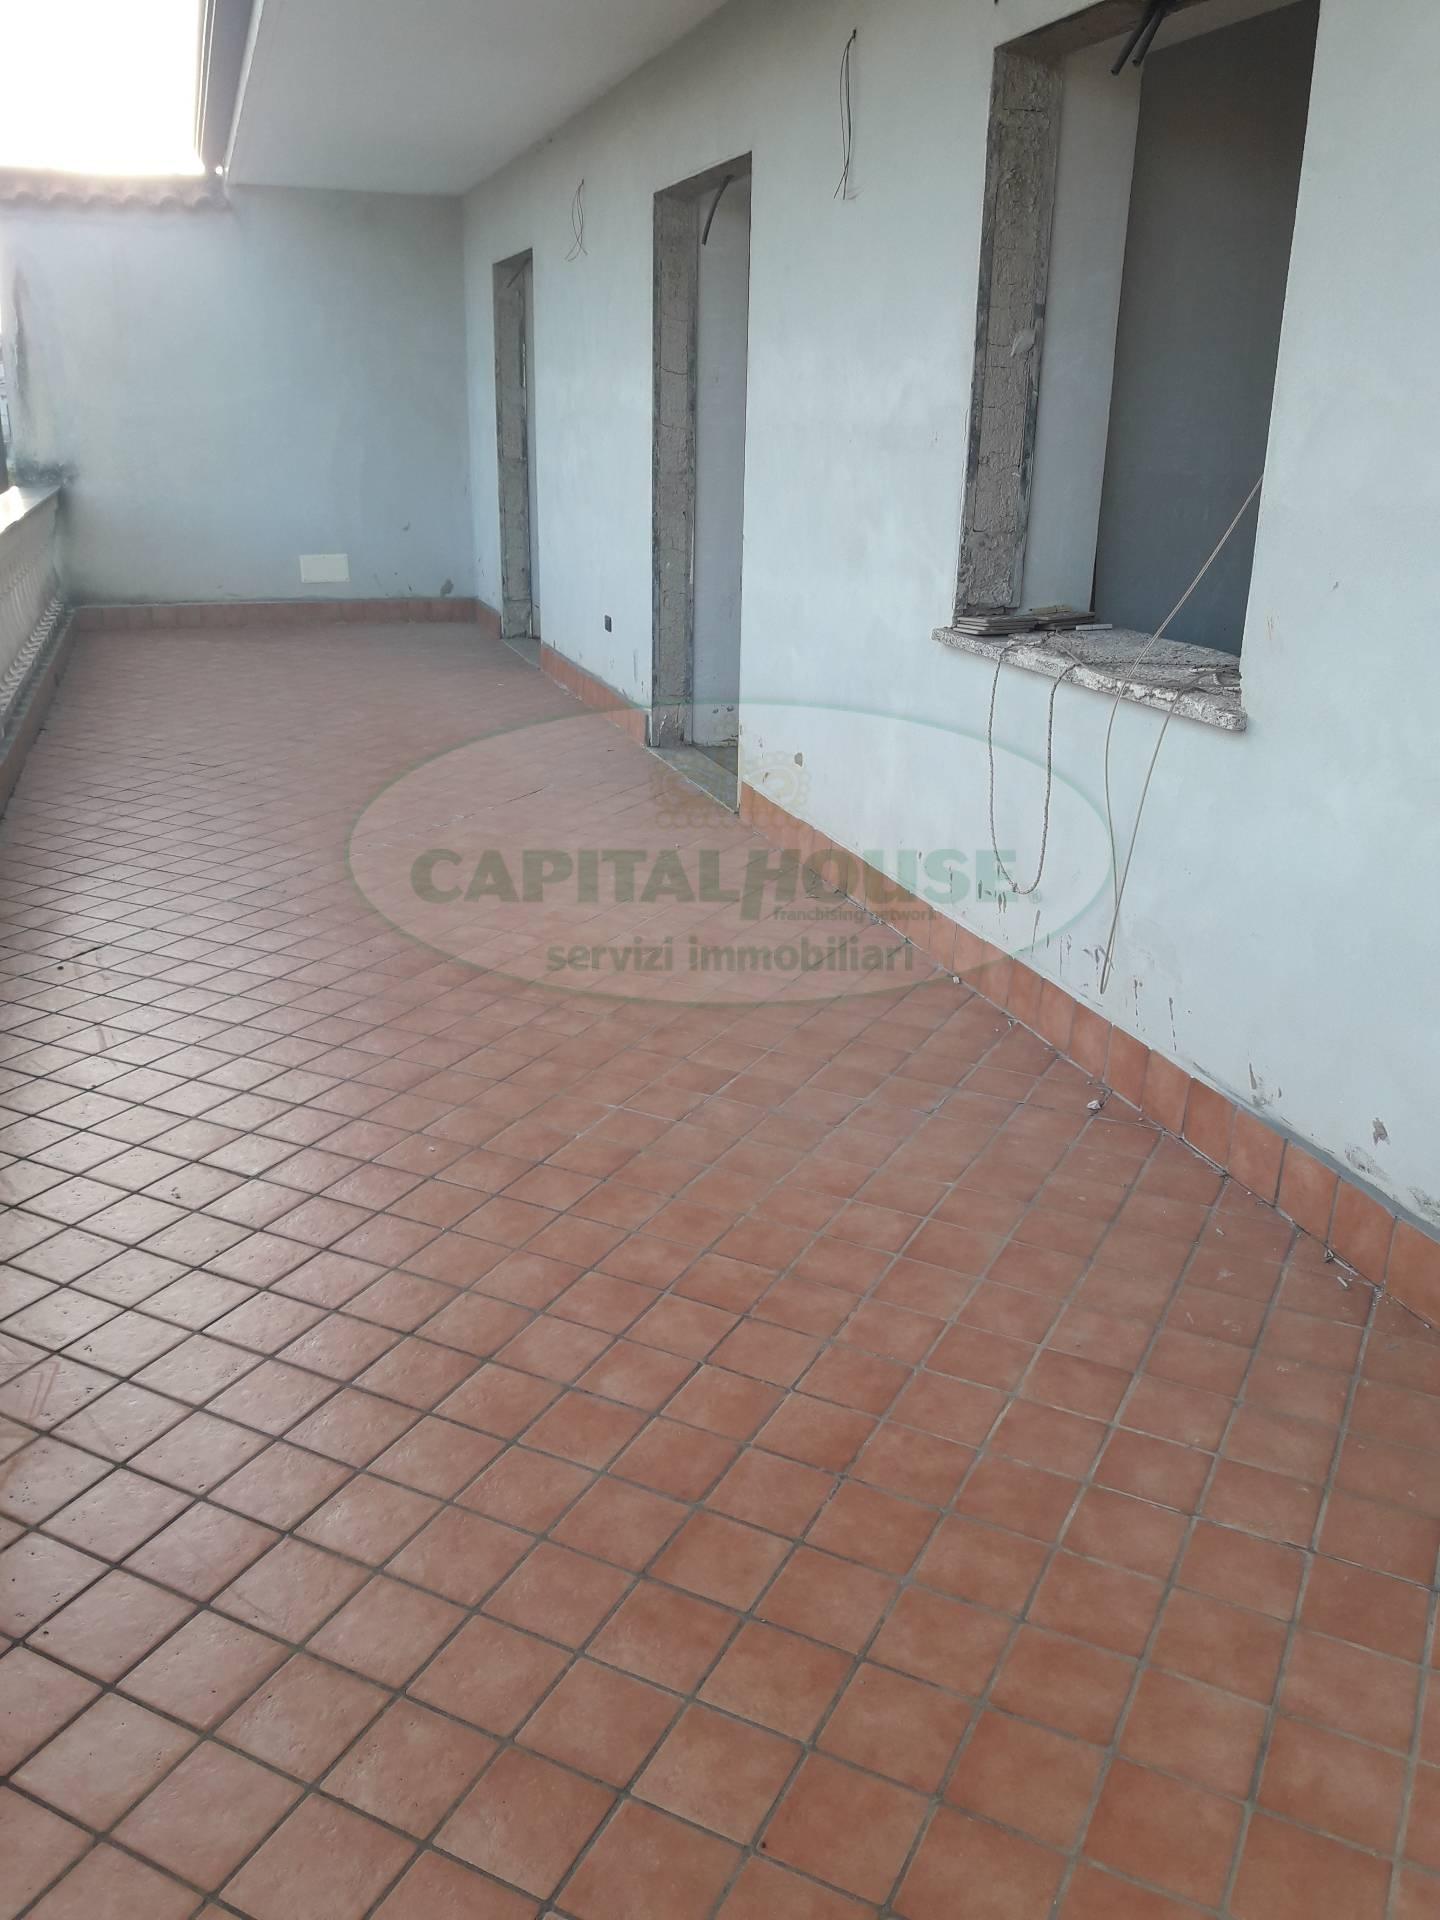 Appartamento in vendita a Portico di Caserta, 4 locali, prezzo € 130.000 | CambioCasa.it